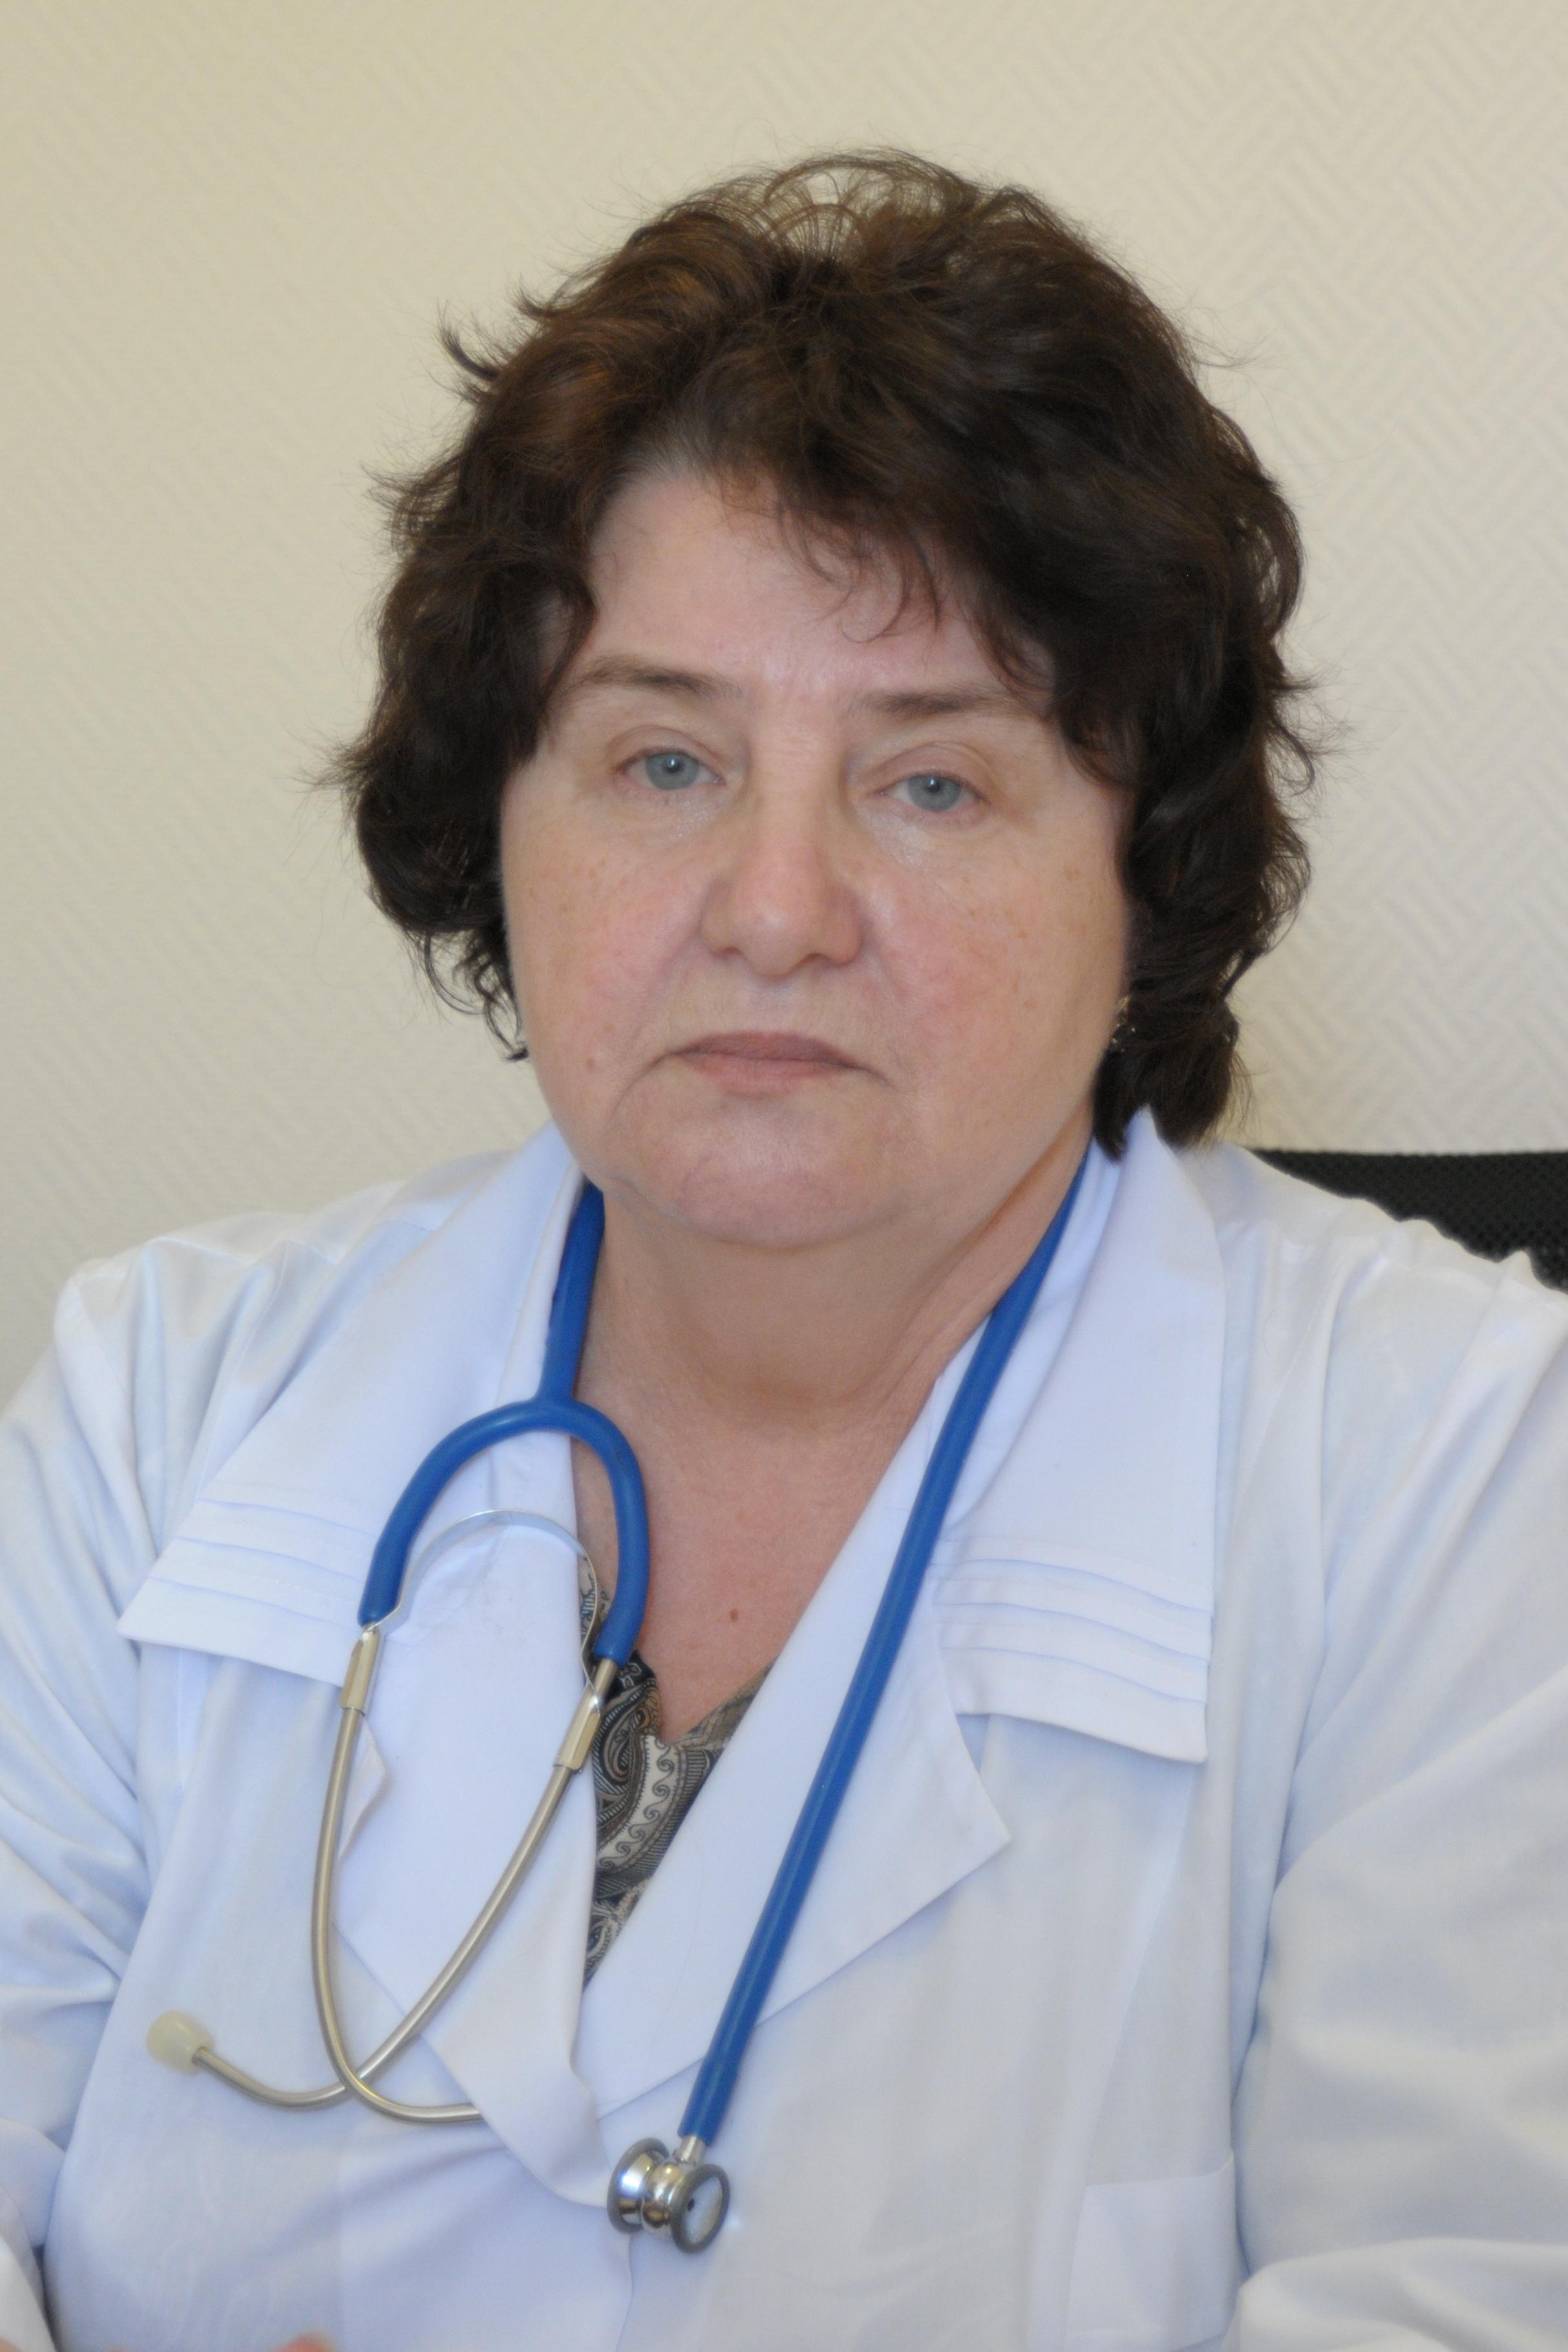 Иваново областная больница регистратура электронная запись